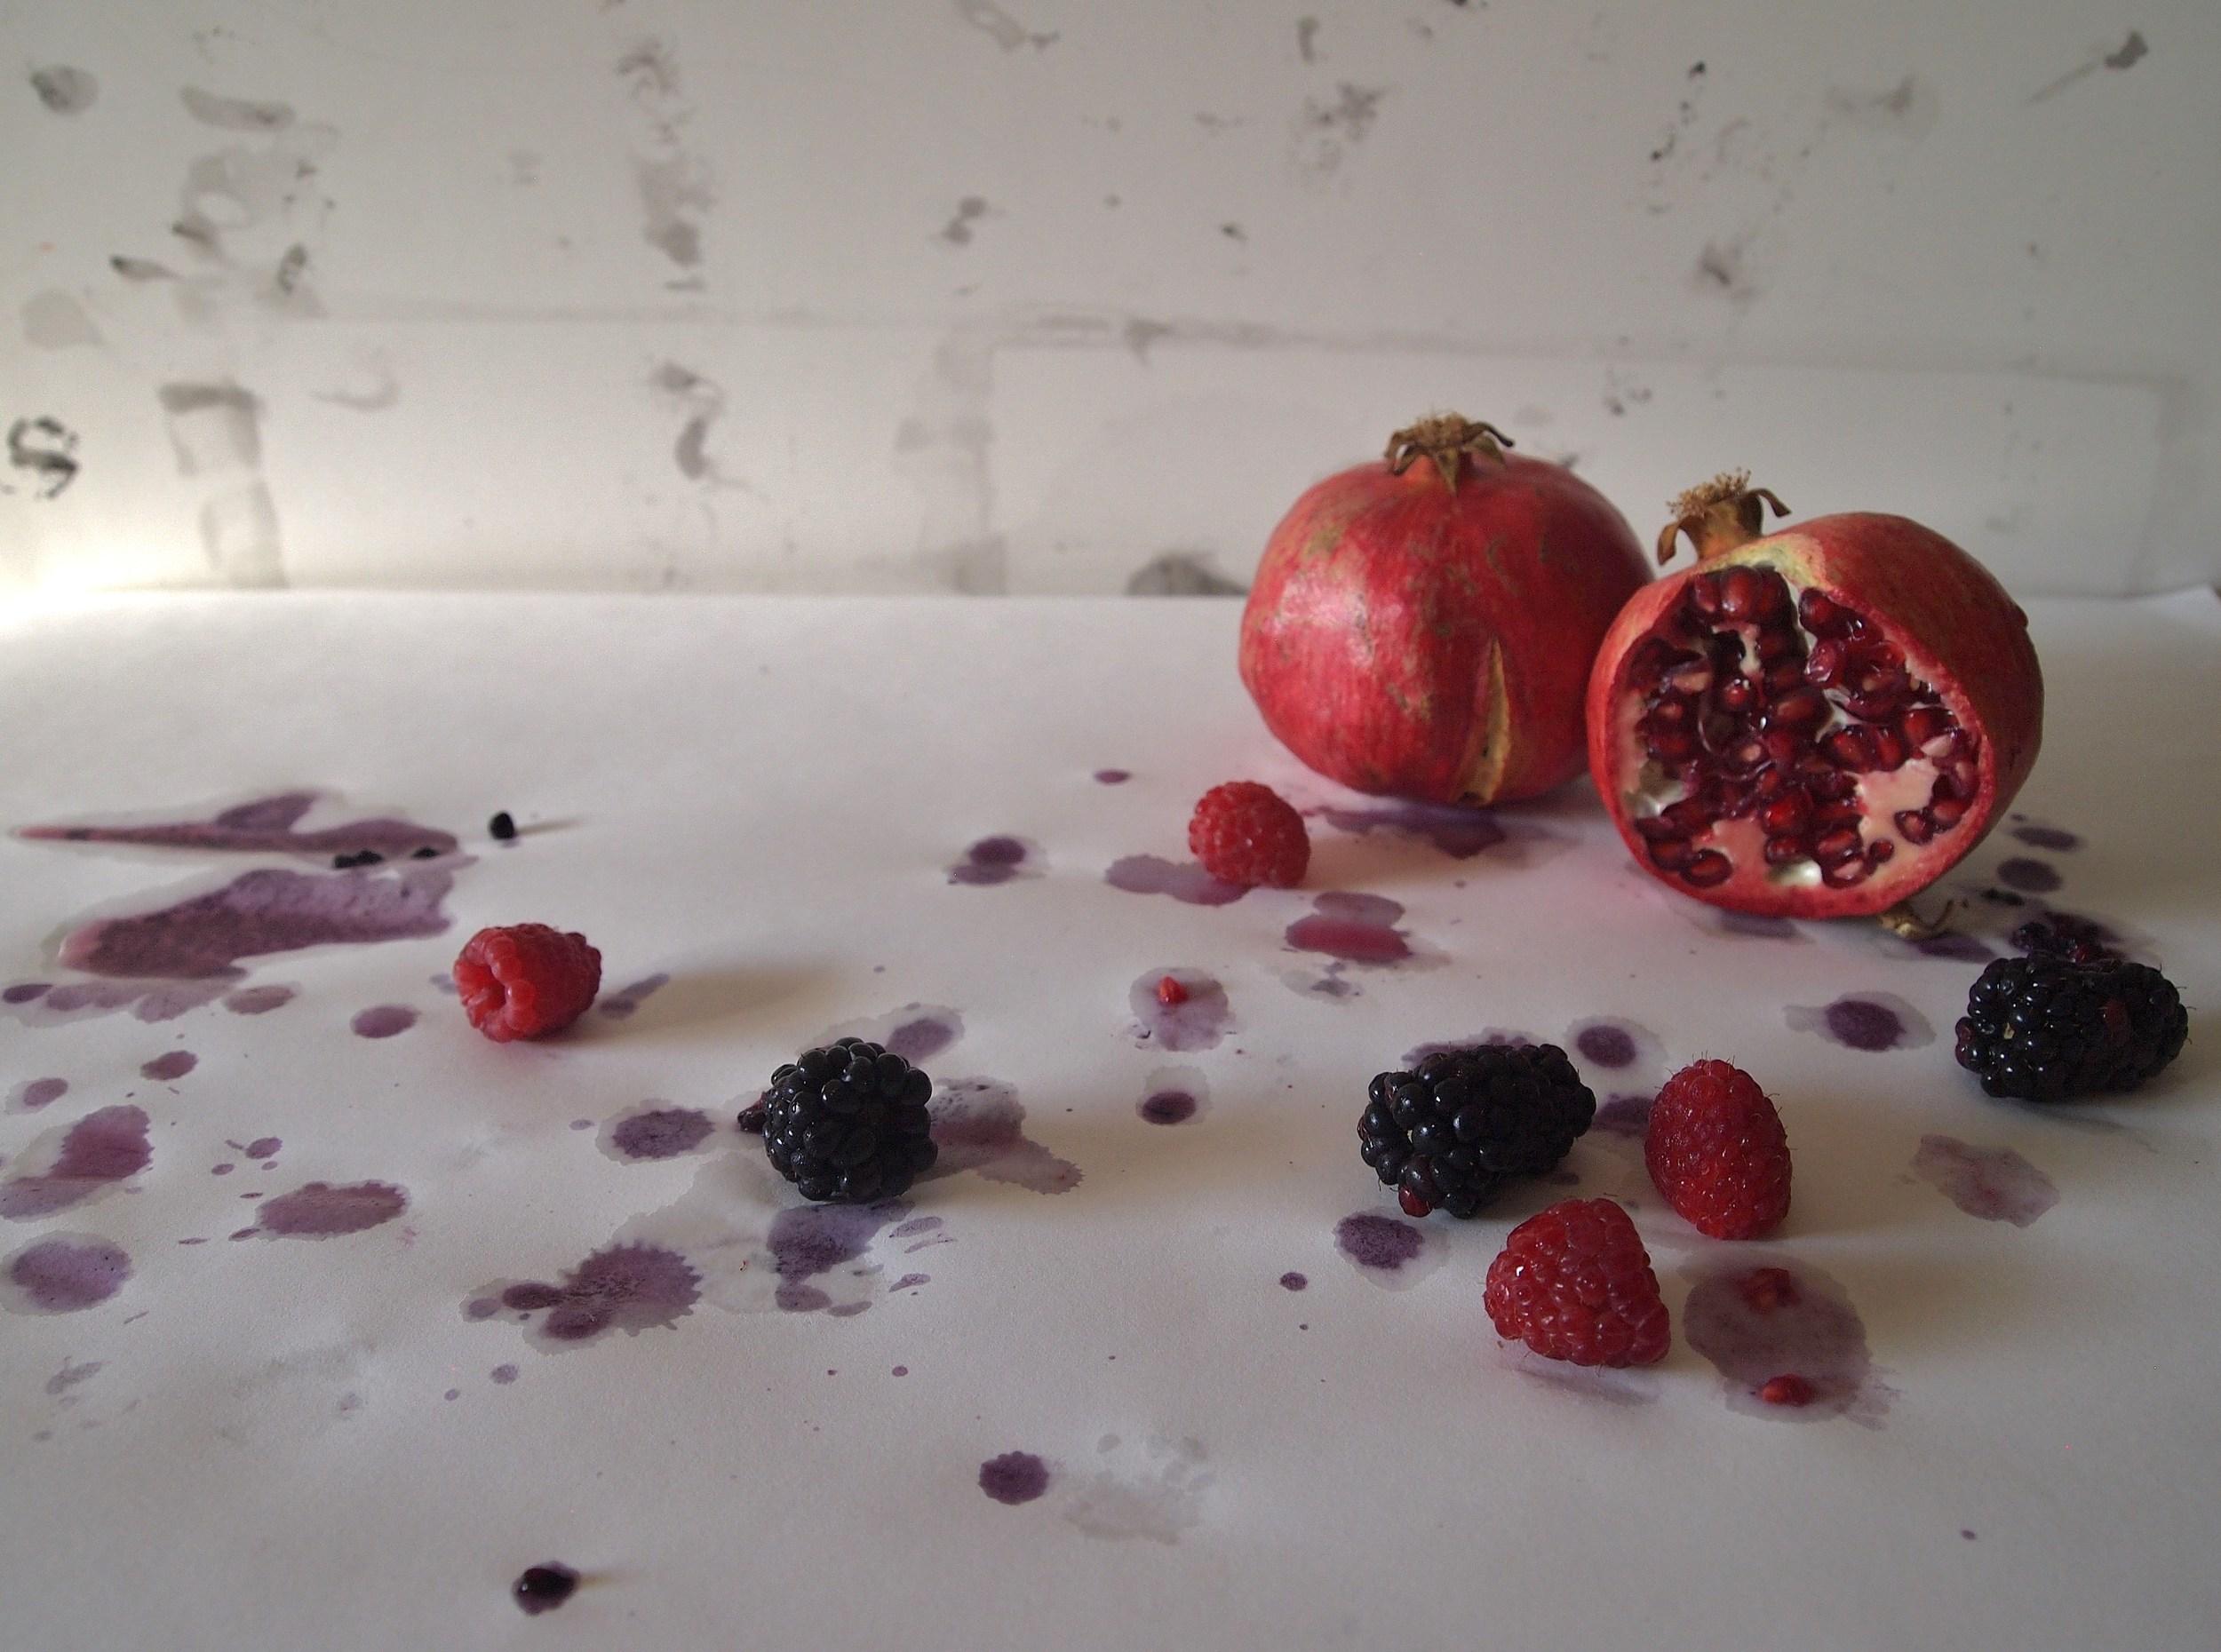 berrystain2_wideeyeswise